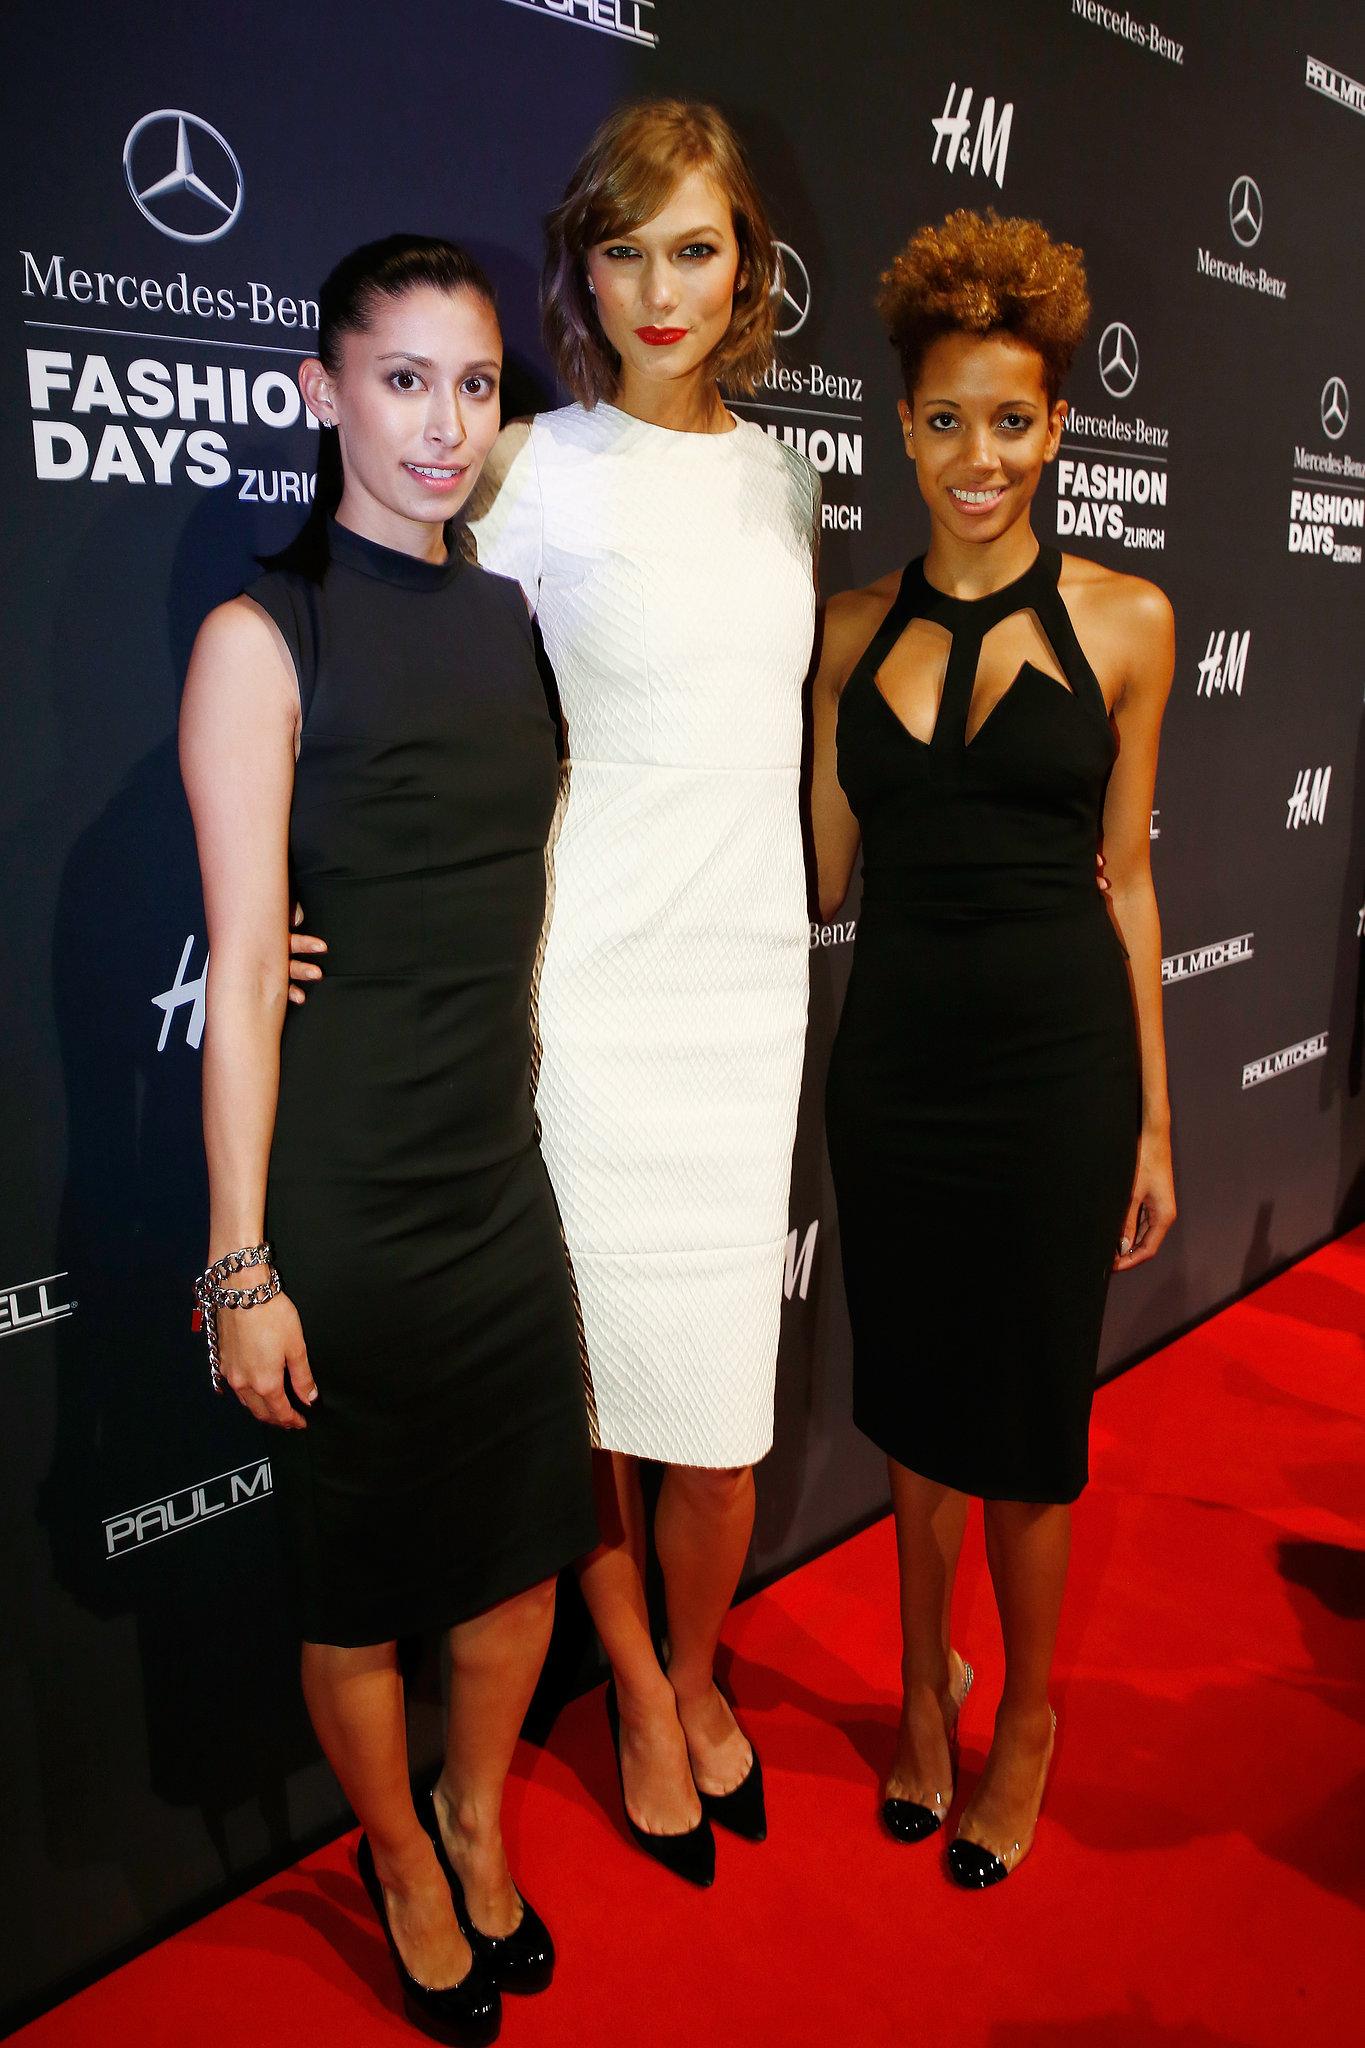 Carly Cushnie, Karlie Kloss, and Michelle Ochs at the Zurich Mercedes-Benz Fashion Days.